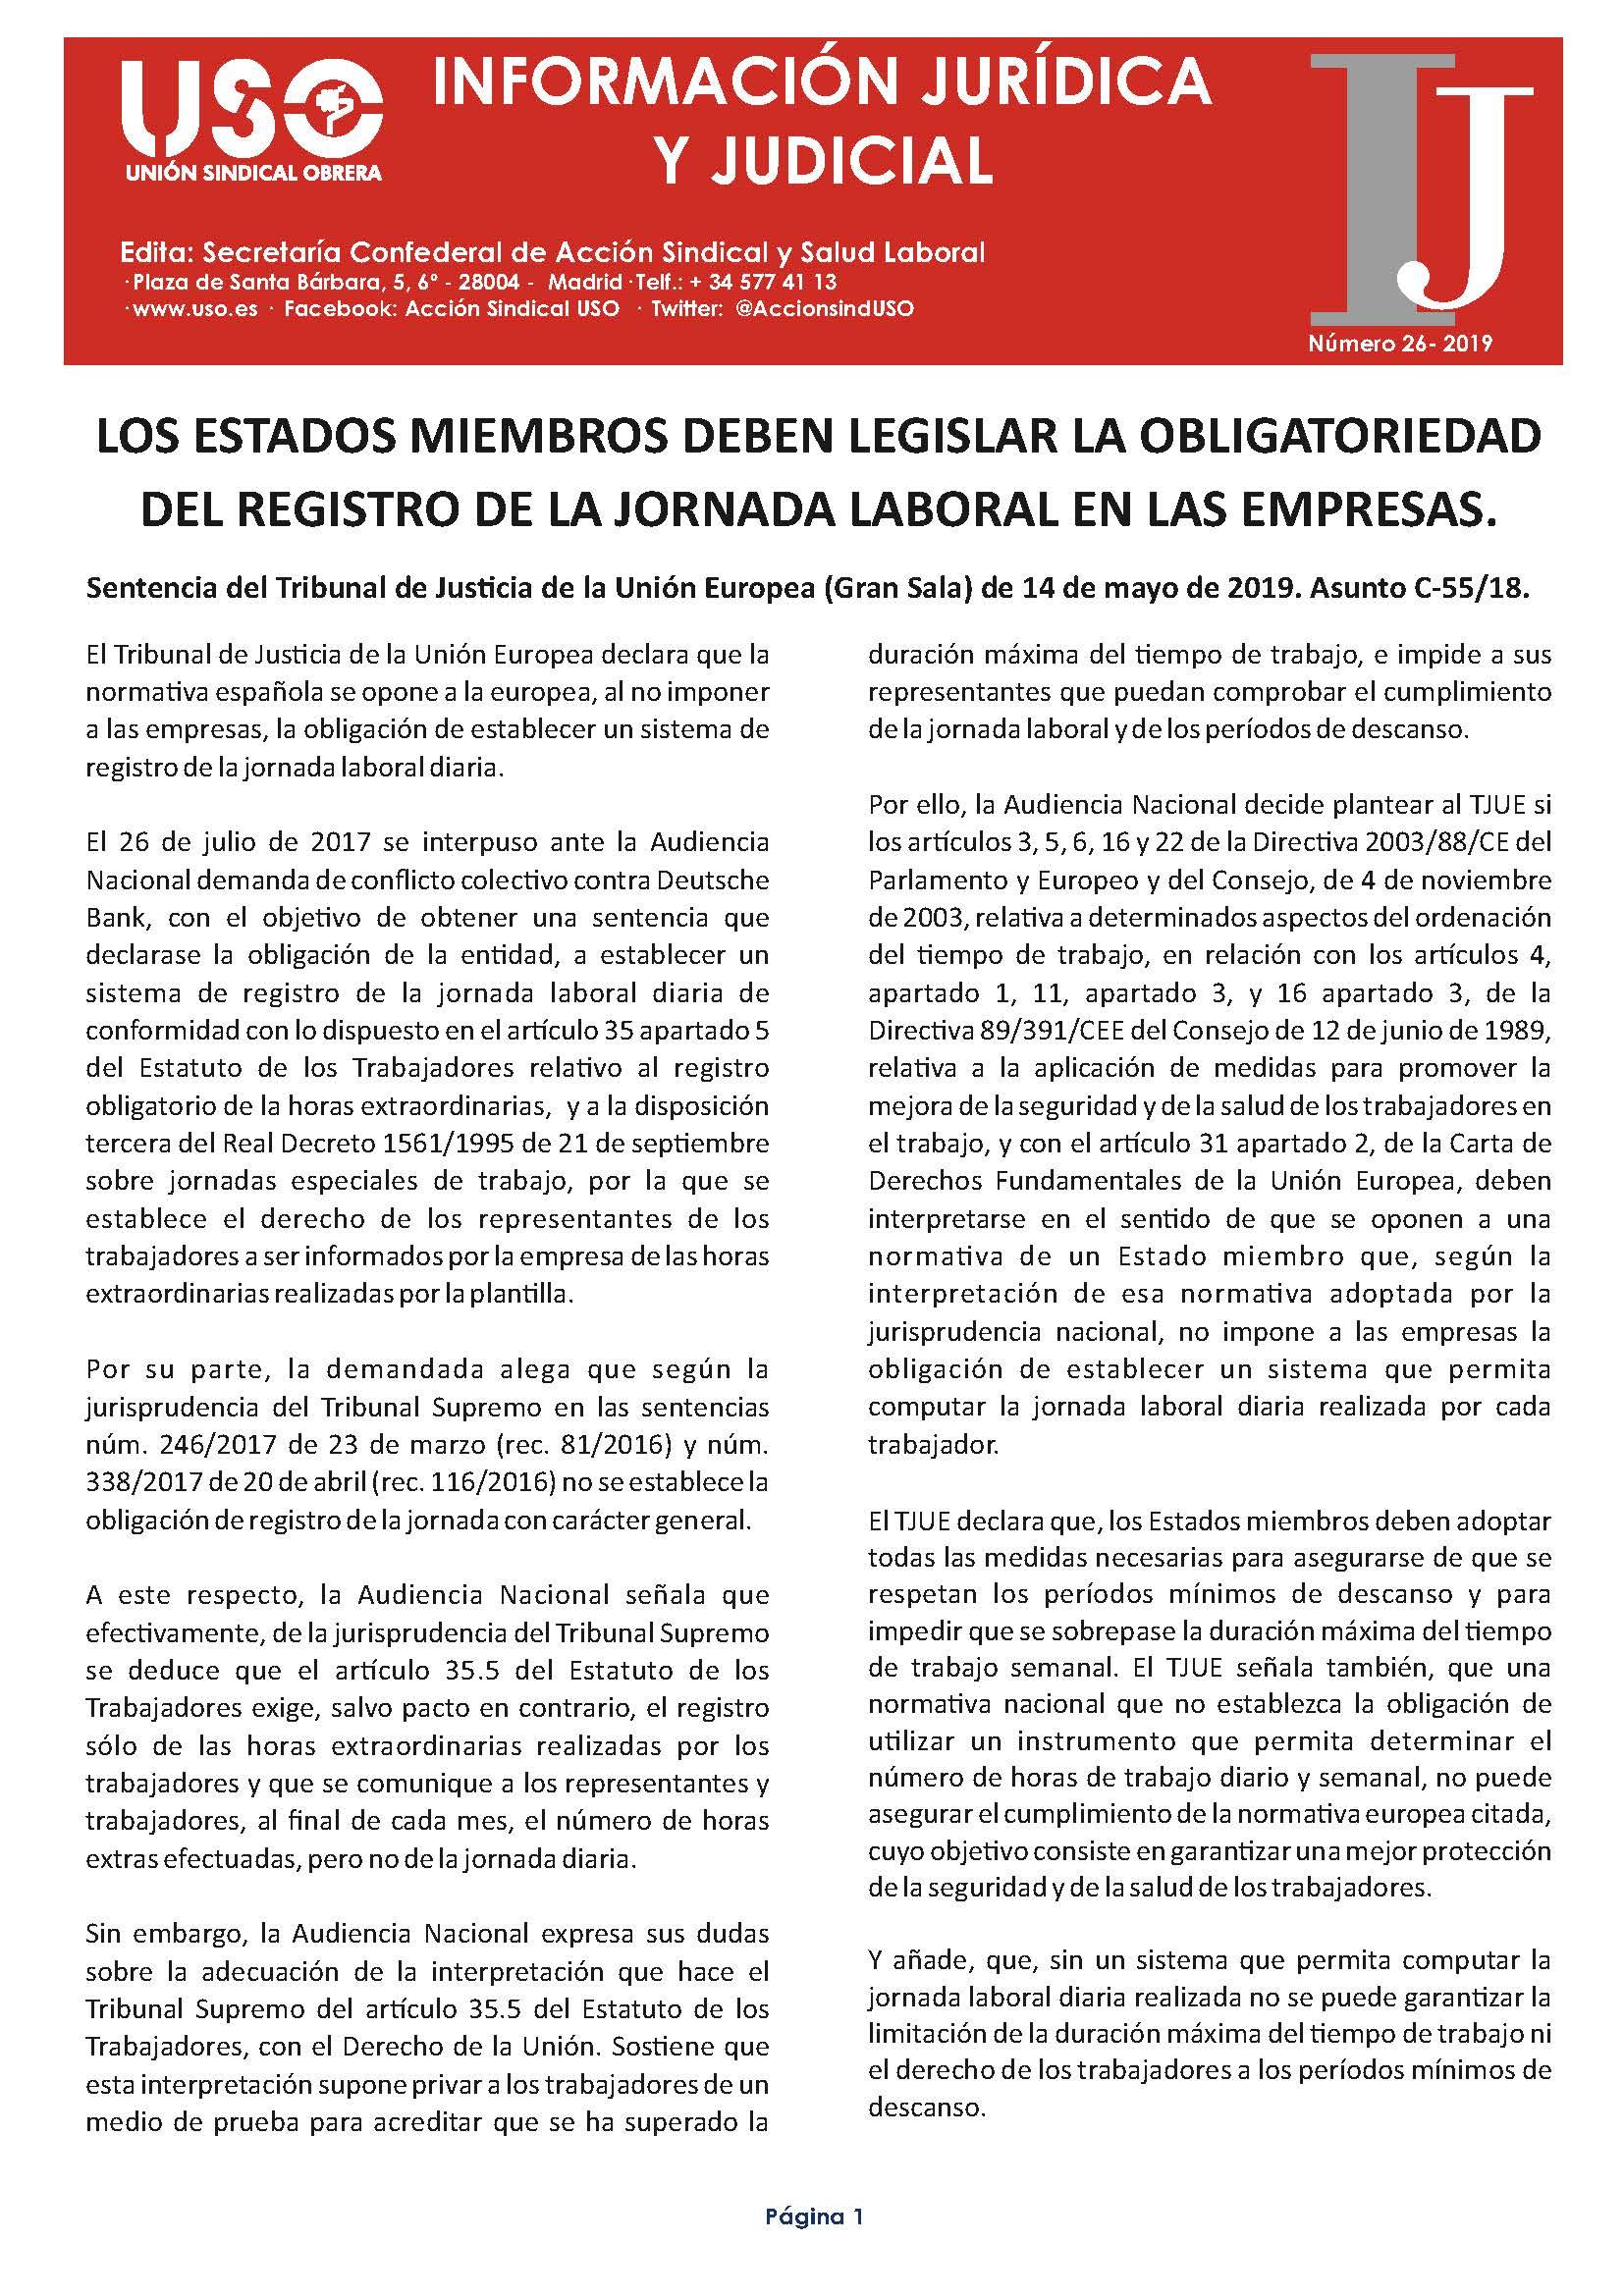 Información Jurídica y Judicial nº 26